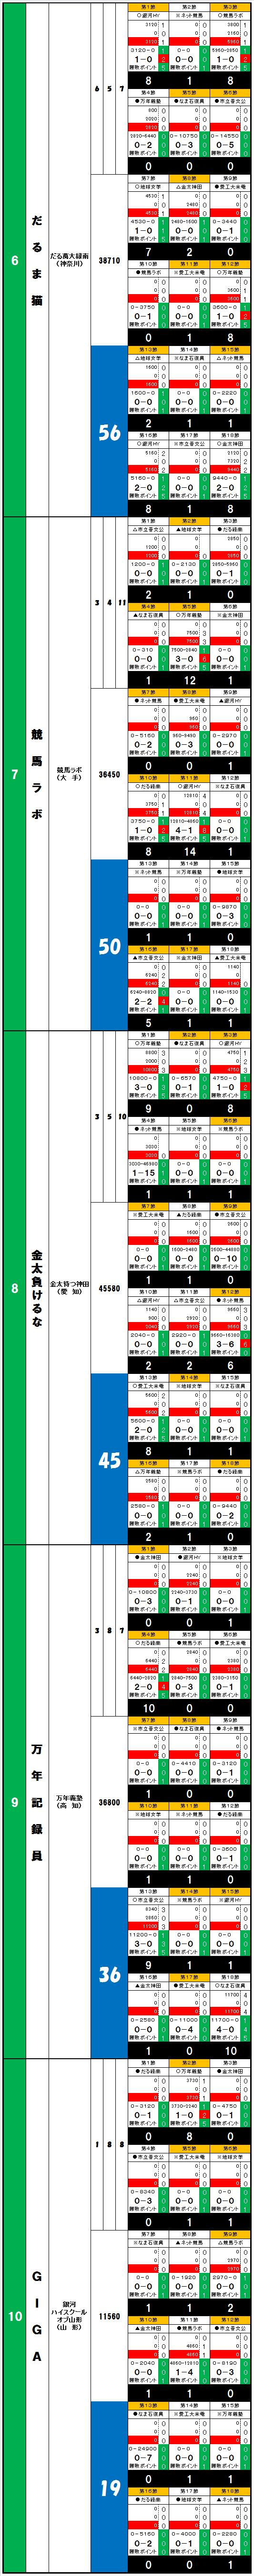 20140607・ダルマンリーグ第18節後半終了個人成績データ②.jpg